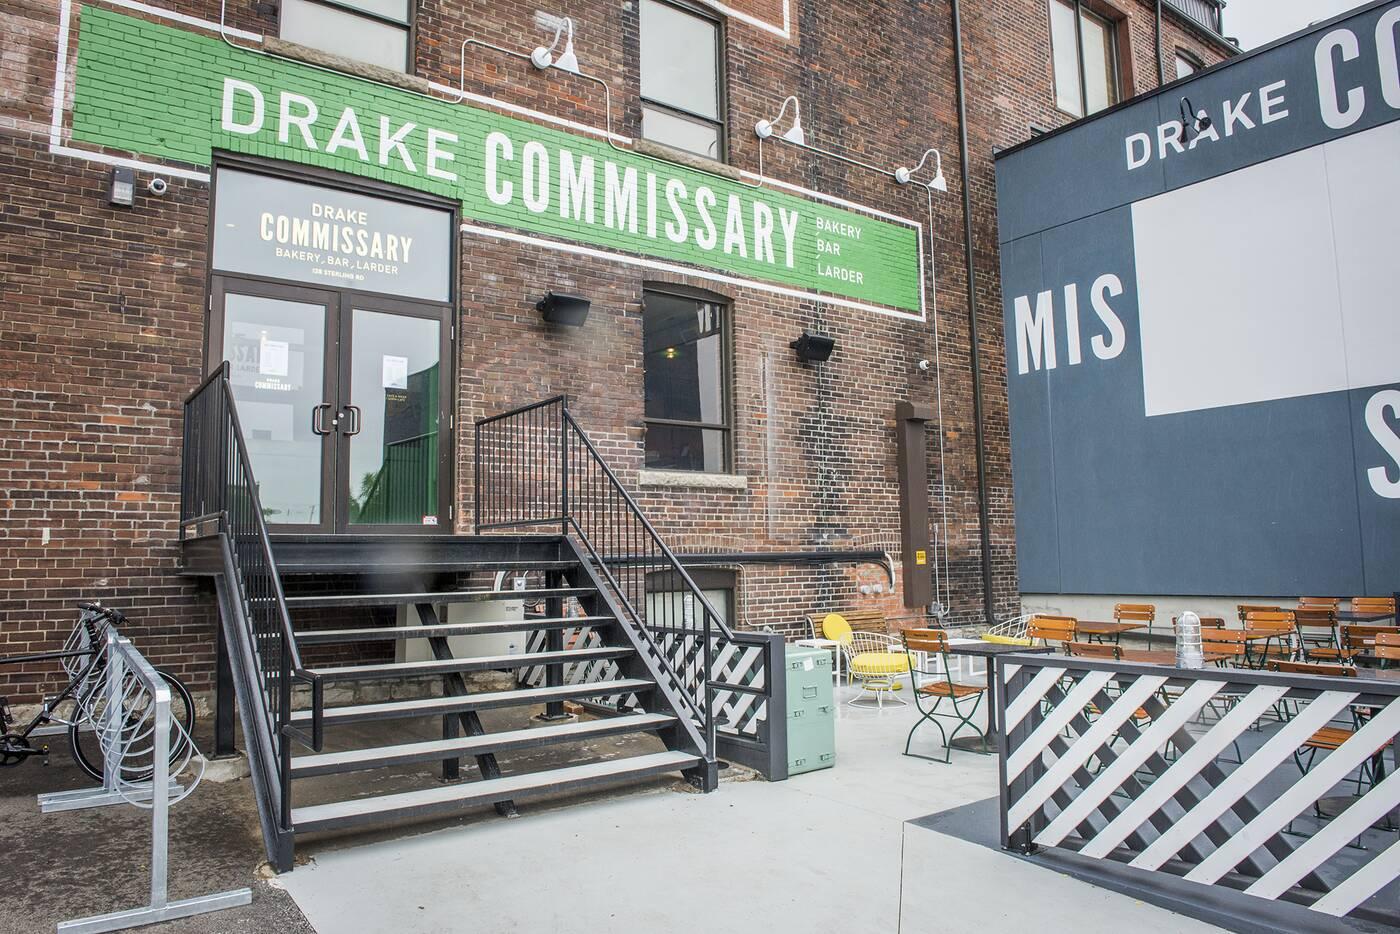 drake commissary